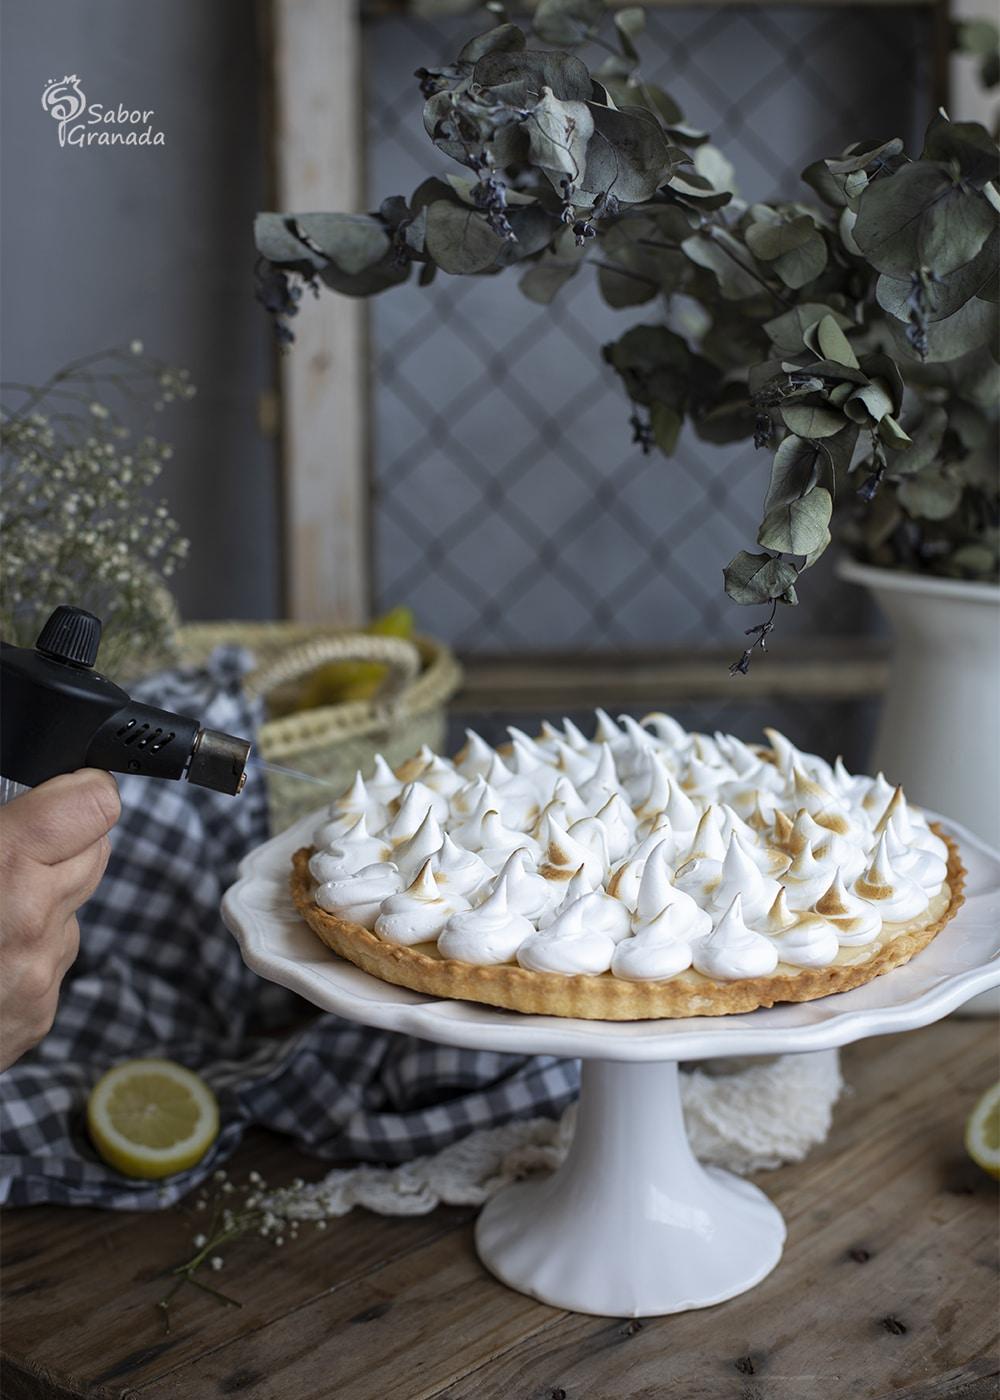 Quemando con soplete la tarta de limón y merengue - Sabor Granada